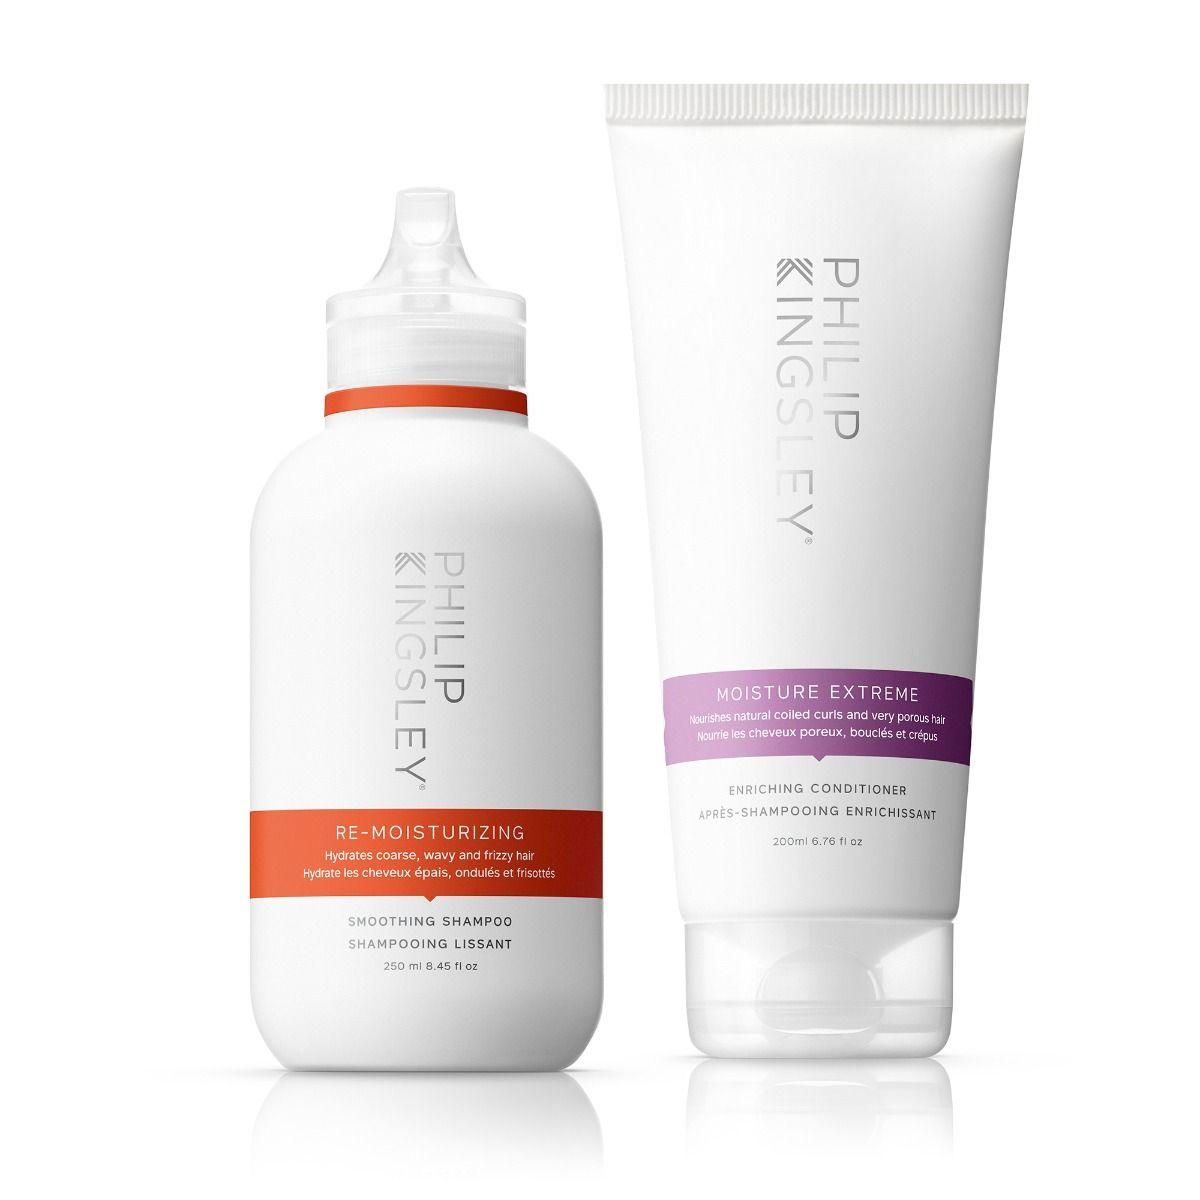 Re-Moisturizing Smoothing Shampoo & Moisture Extreme Enriching Conditioner